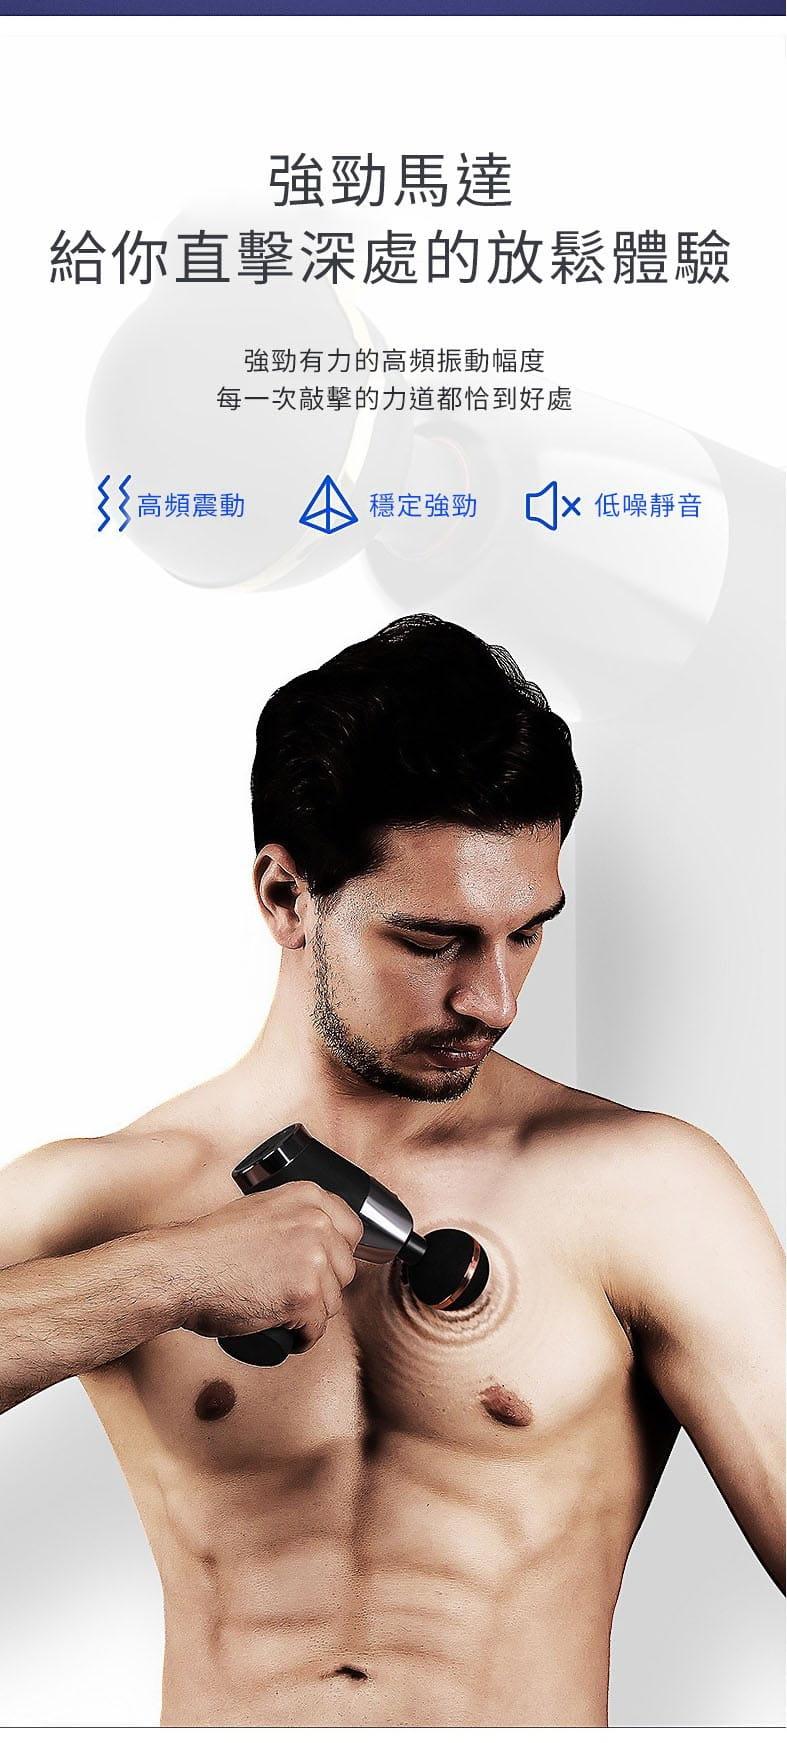 液晶版 20段速 USB電動按摩槍多功能健身肌肉按摩槍mini口袋筋膜槍 6